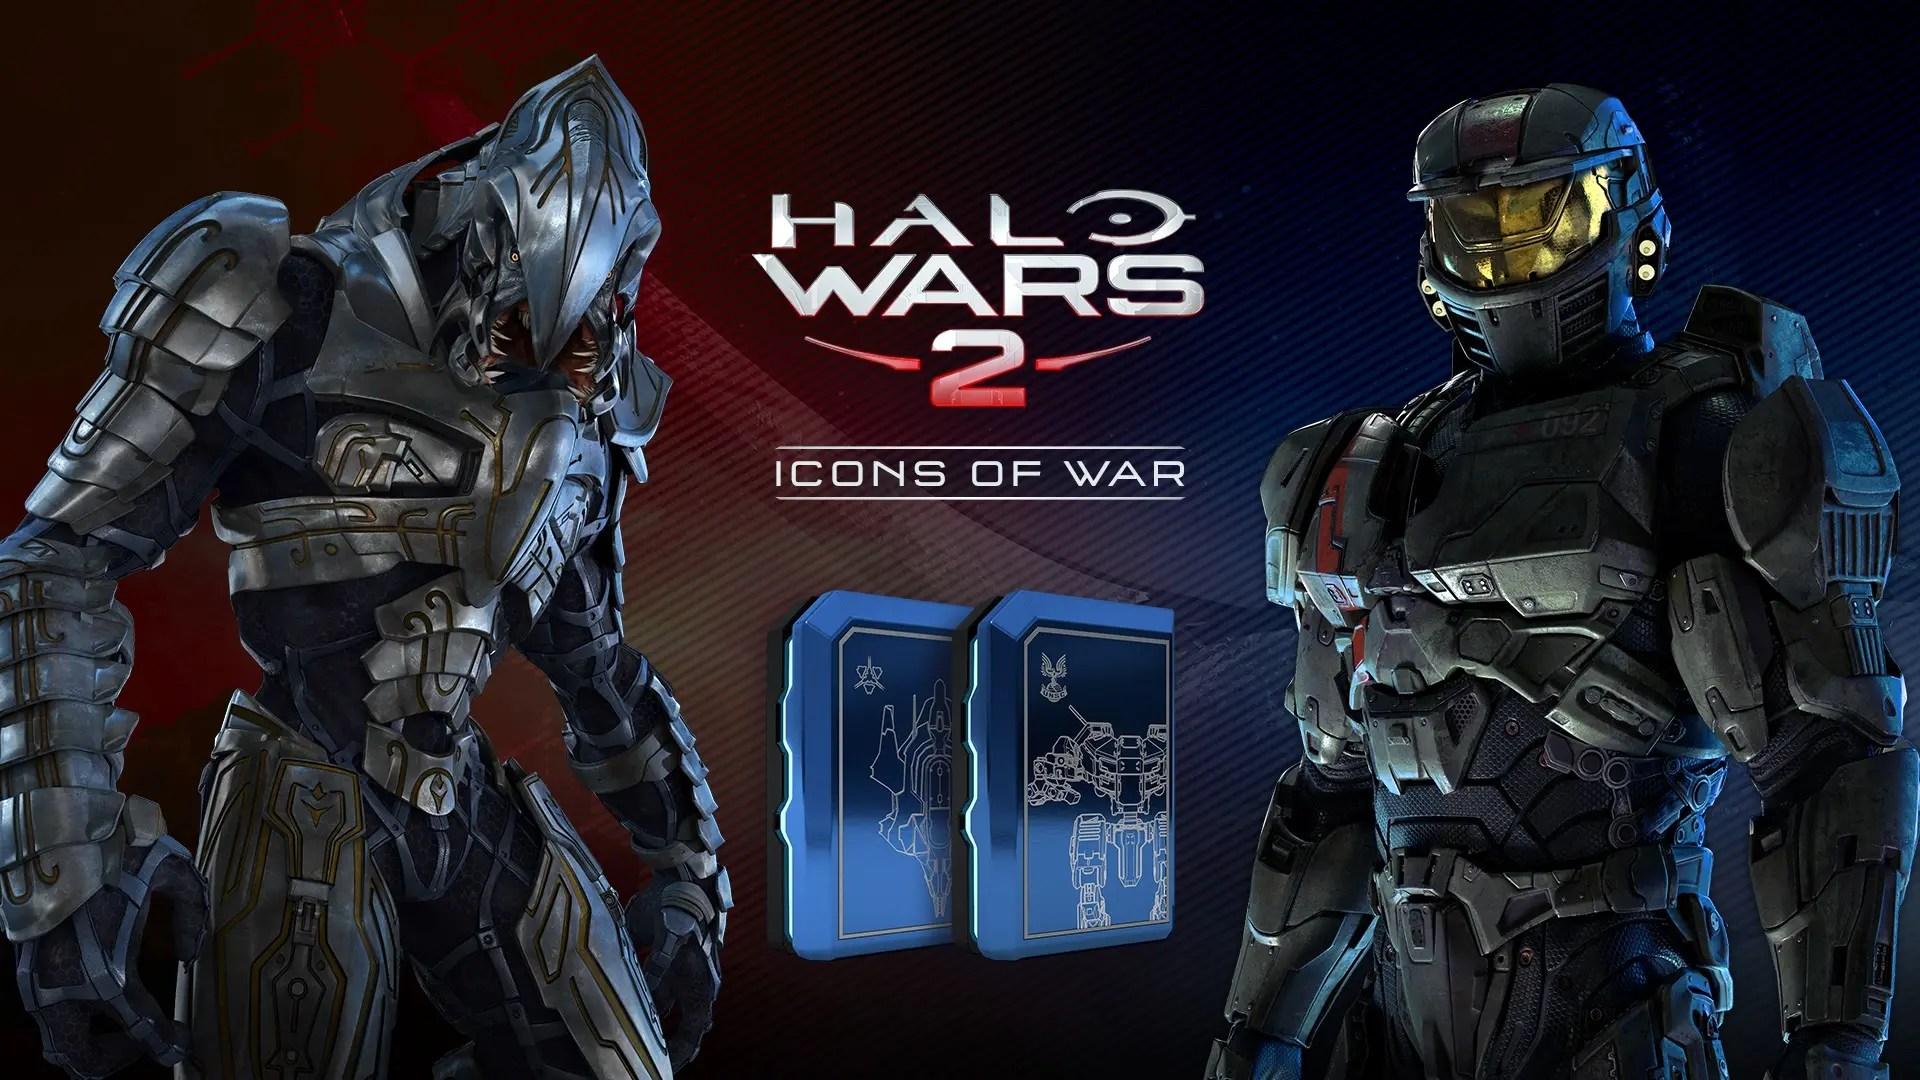 Nuevos Personajes Llegan A Halo Wars 2 Gracias A The Icons Of War SomosXbox